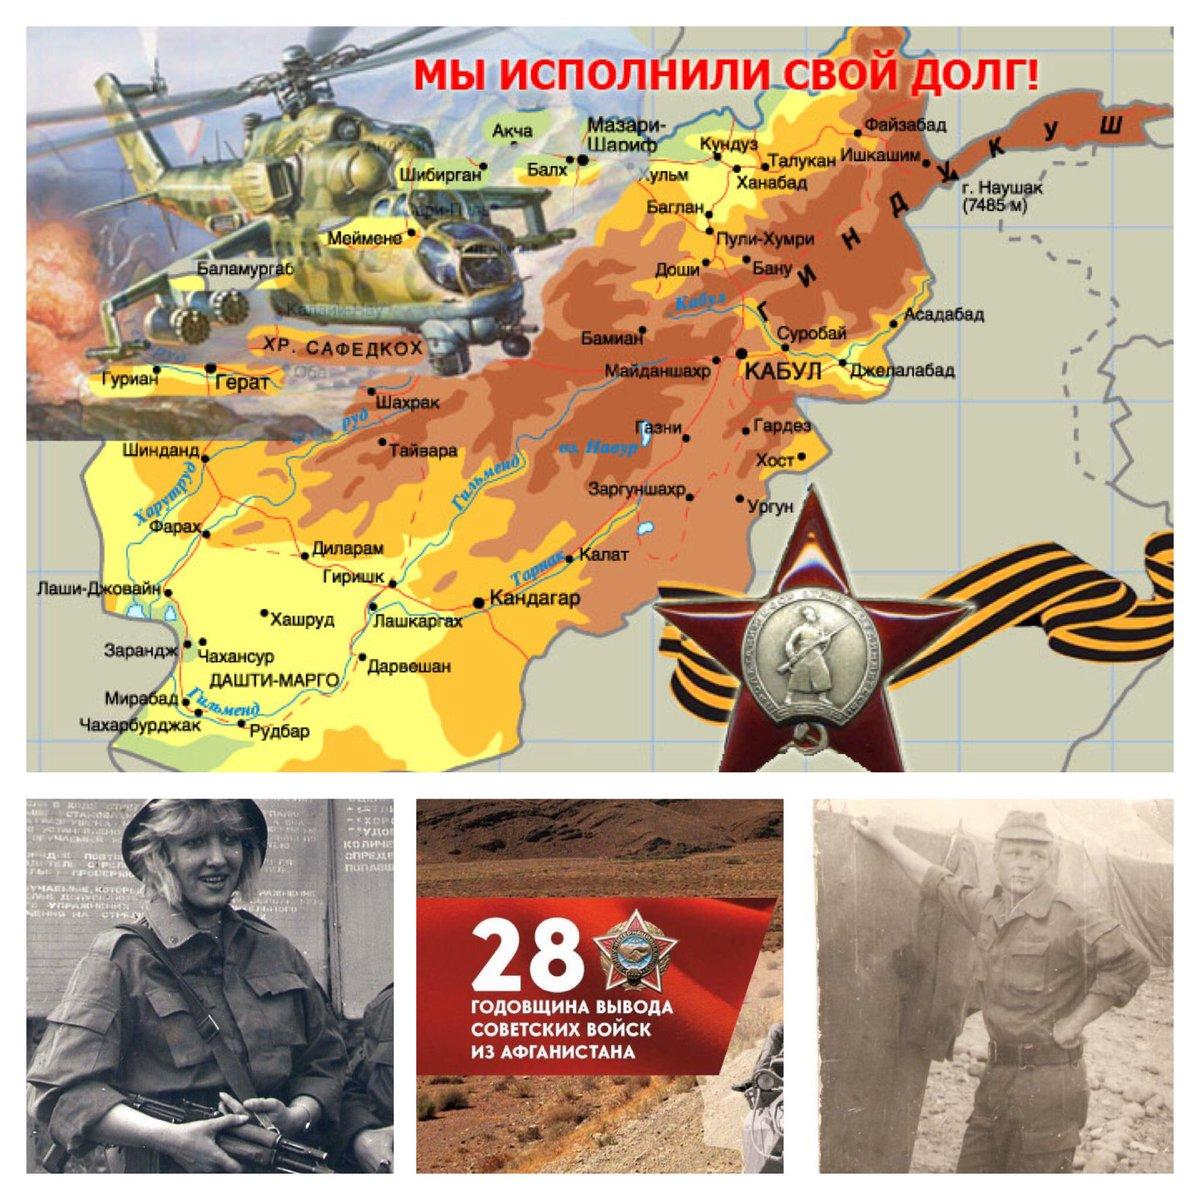 Картинки вывод войск из афганистана 15 февраля 30 лет